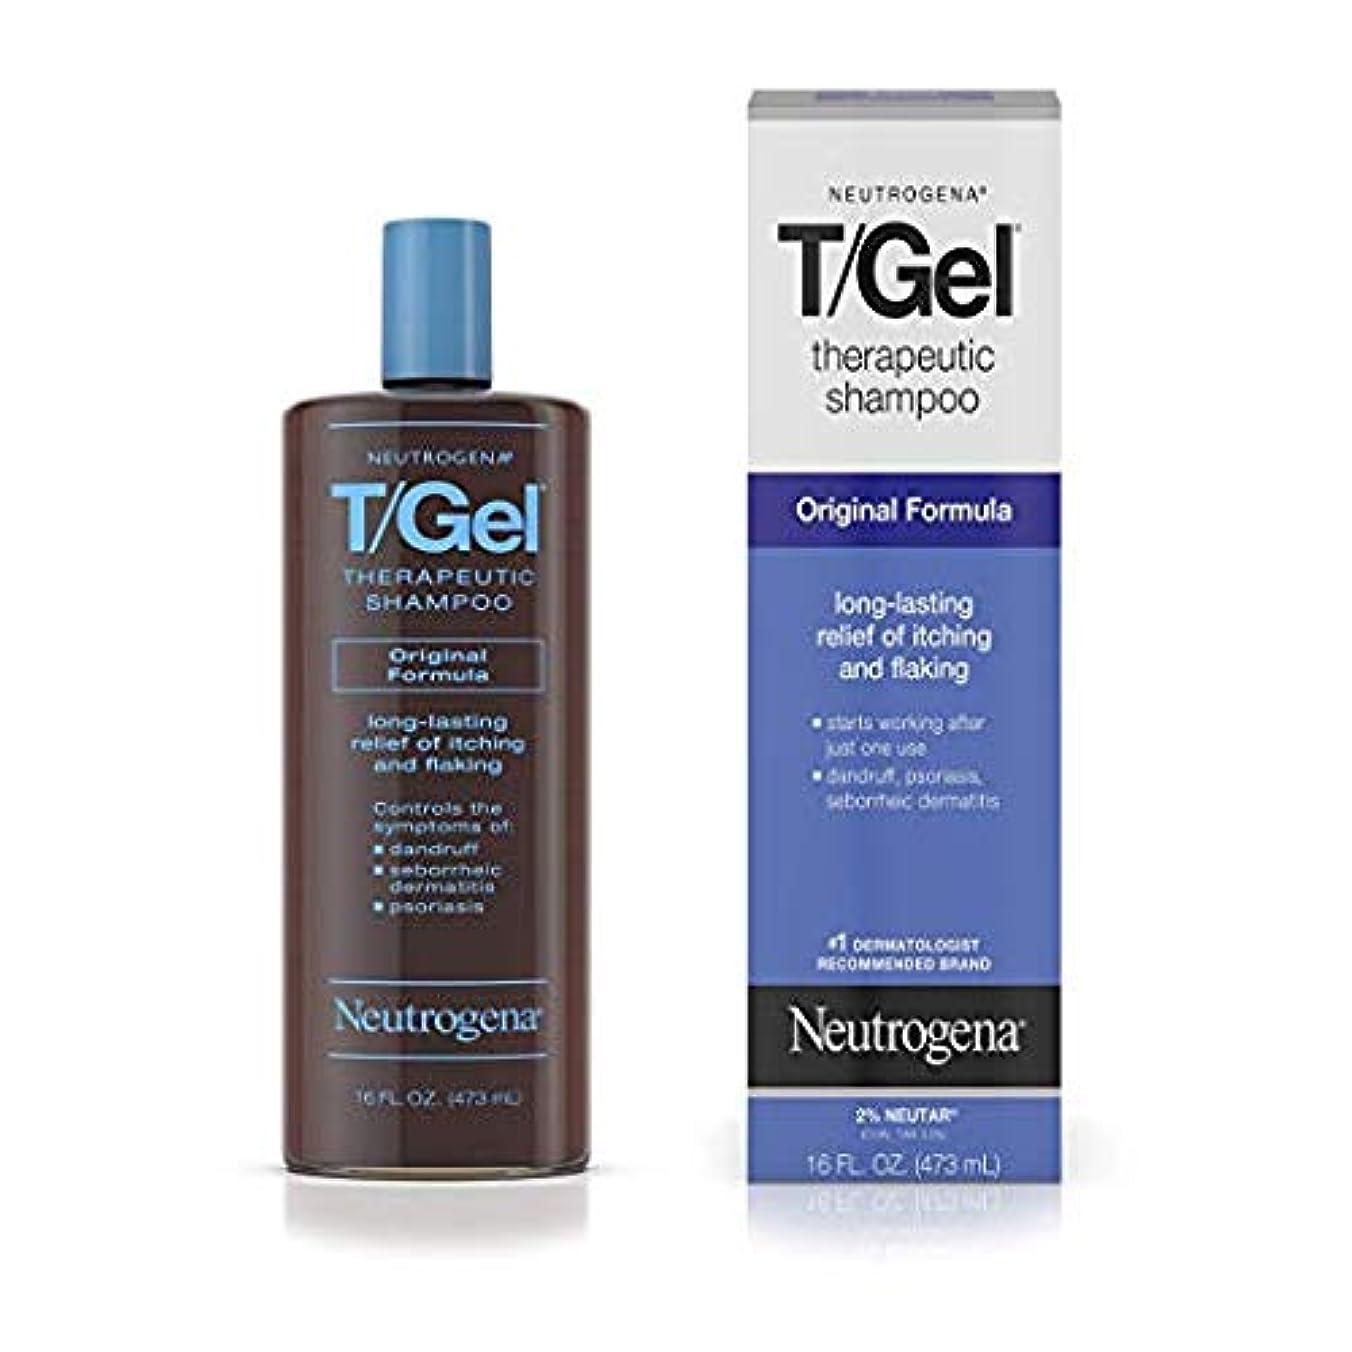 弾薬請求書ひどくNeutrogena T/Gel Therapeutic Shampoo Original Formula [並行輸入品]